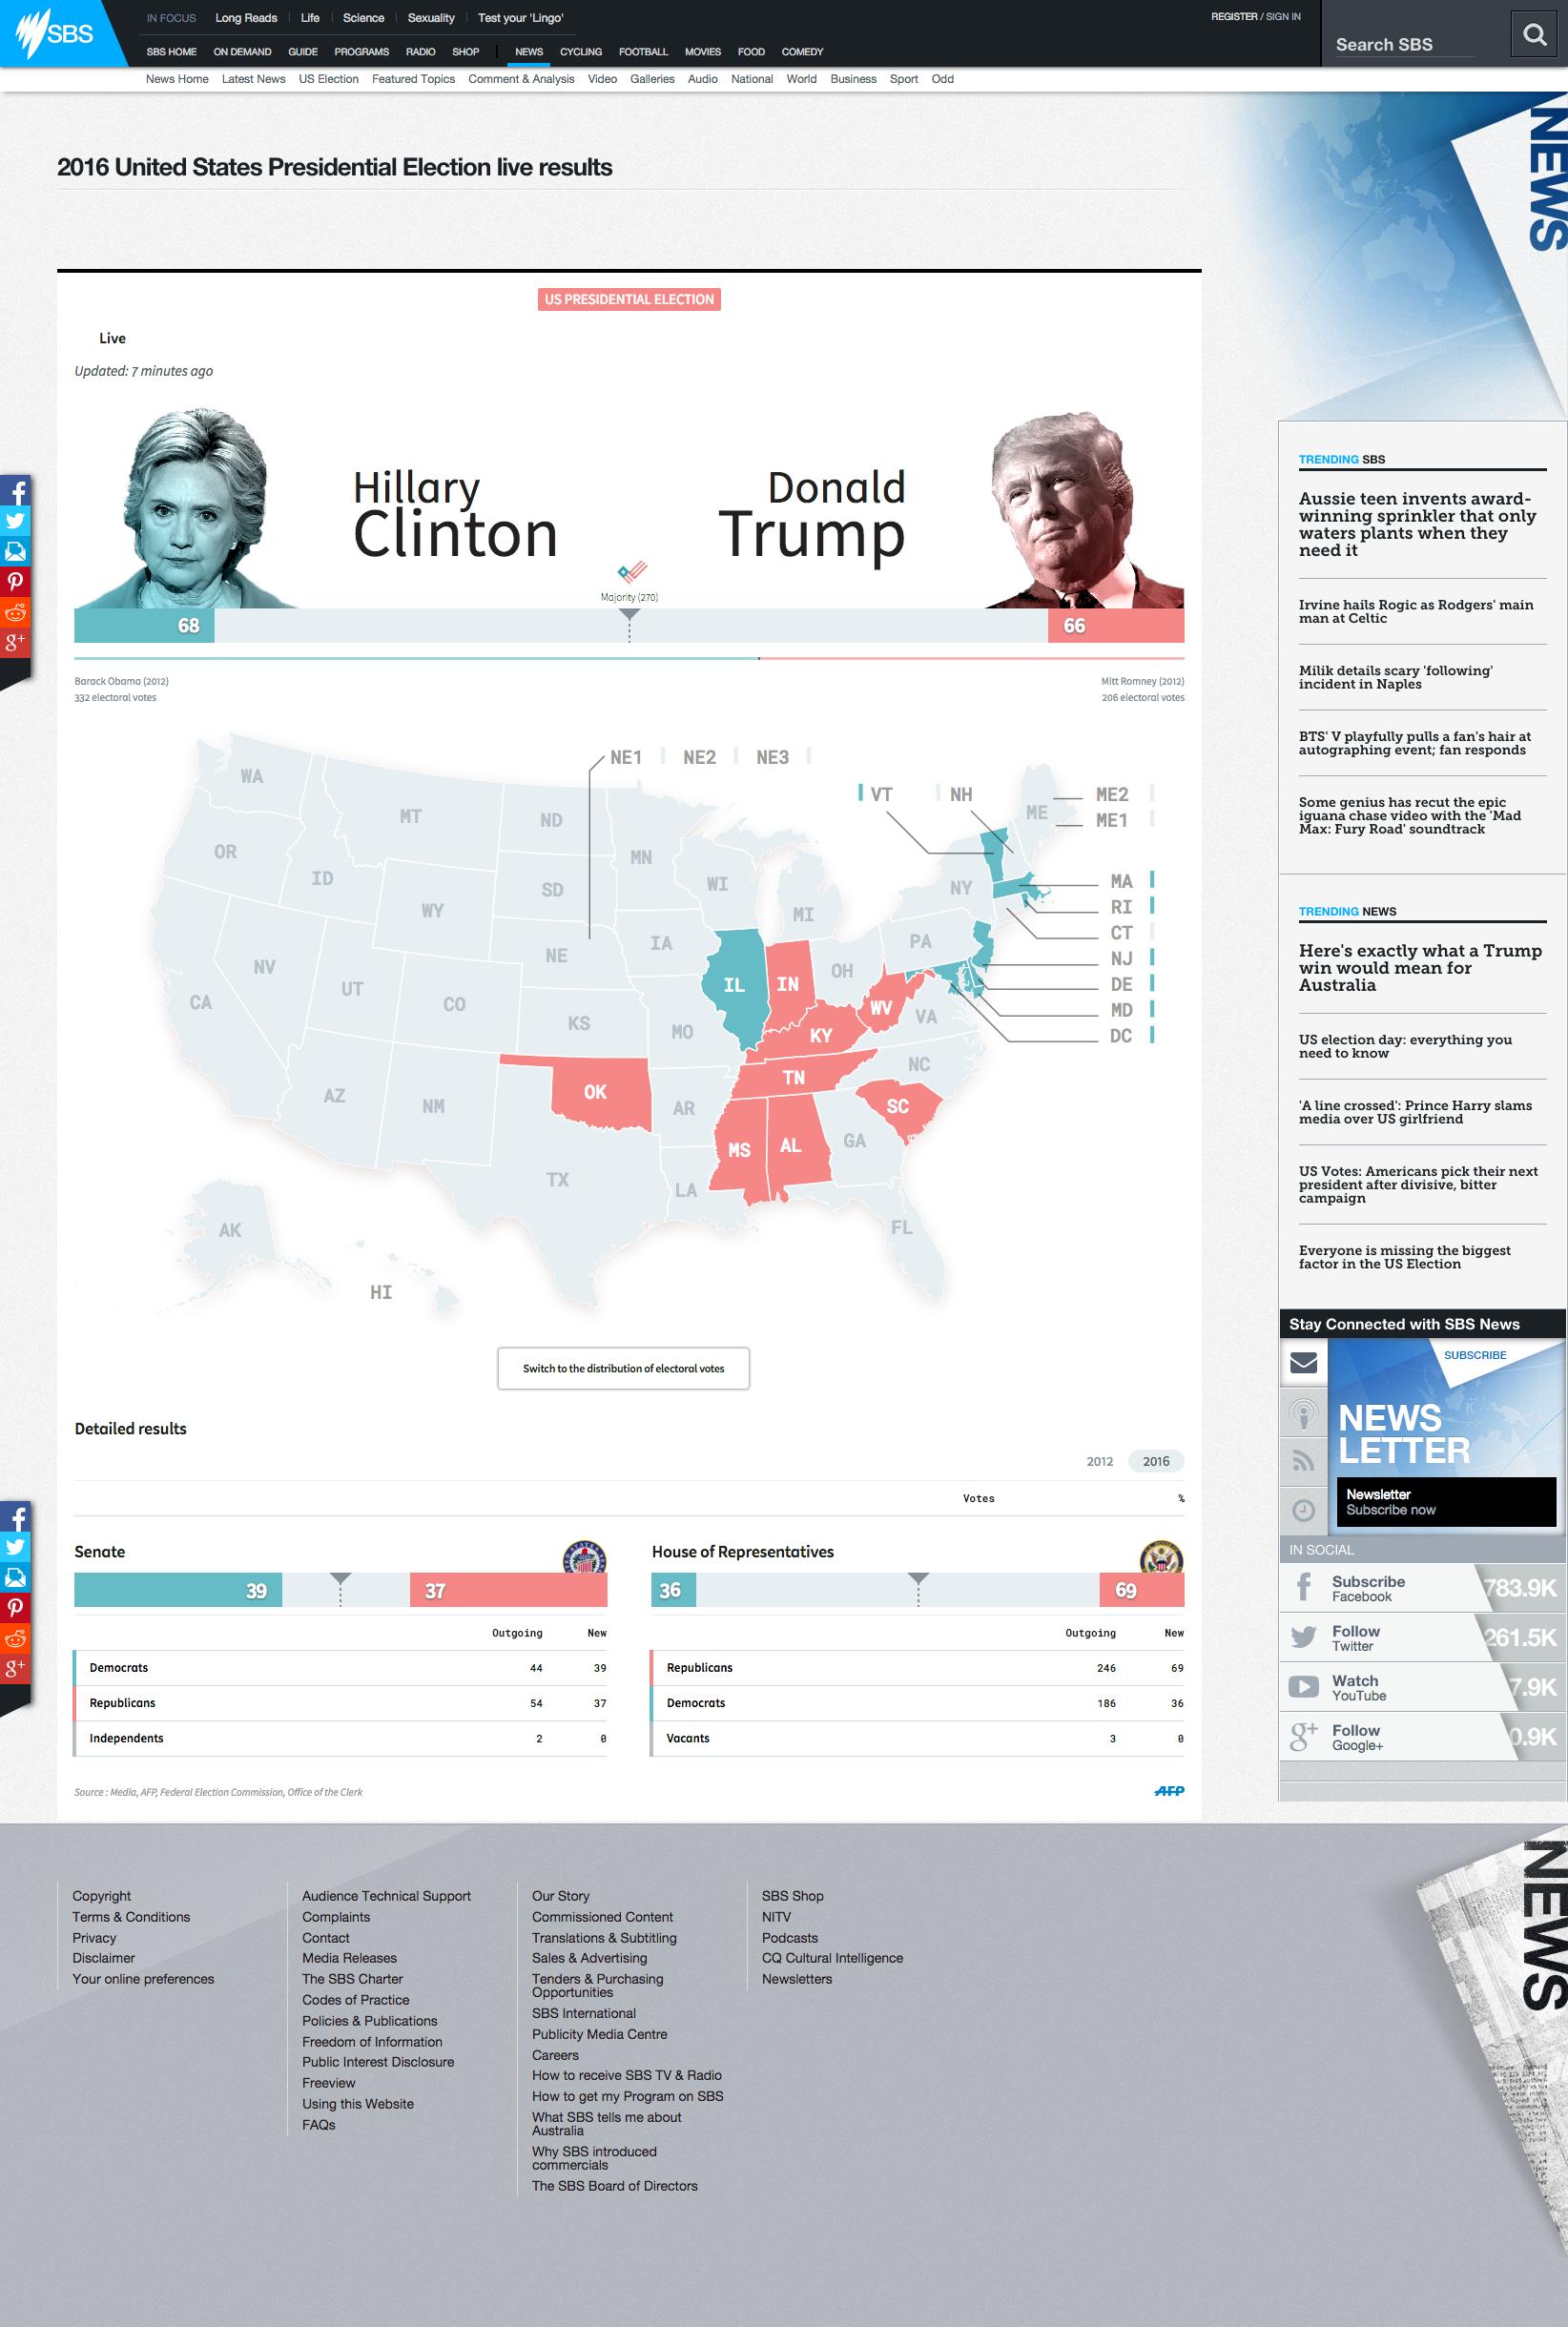 SBS news results map #dataviz #uselection #graphics